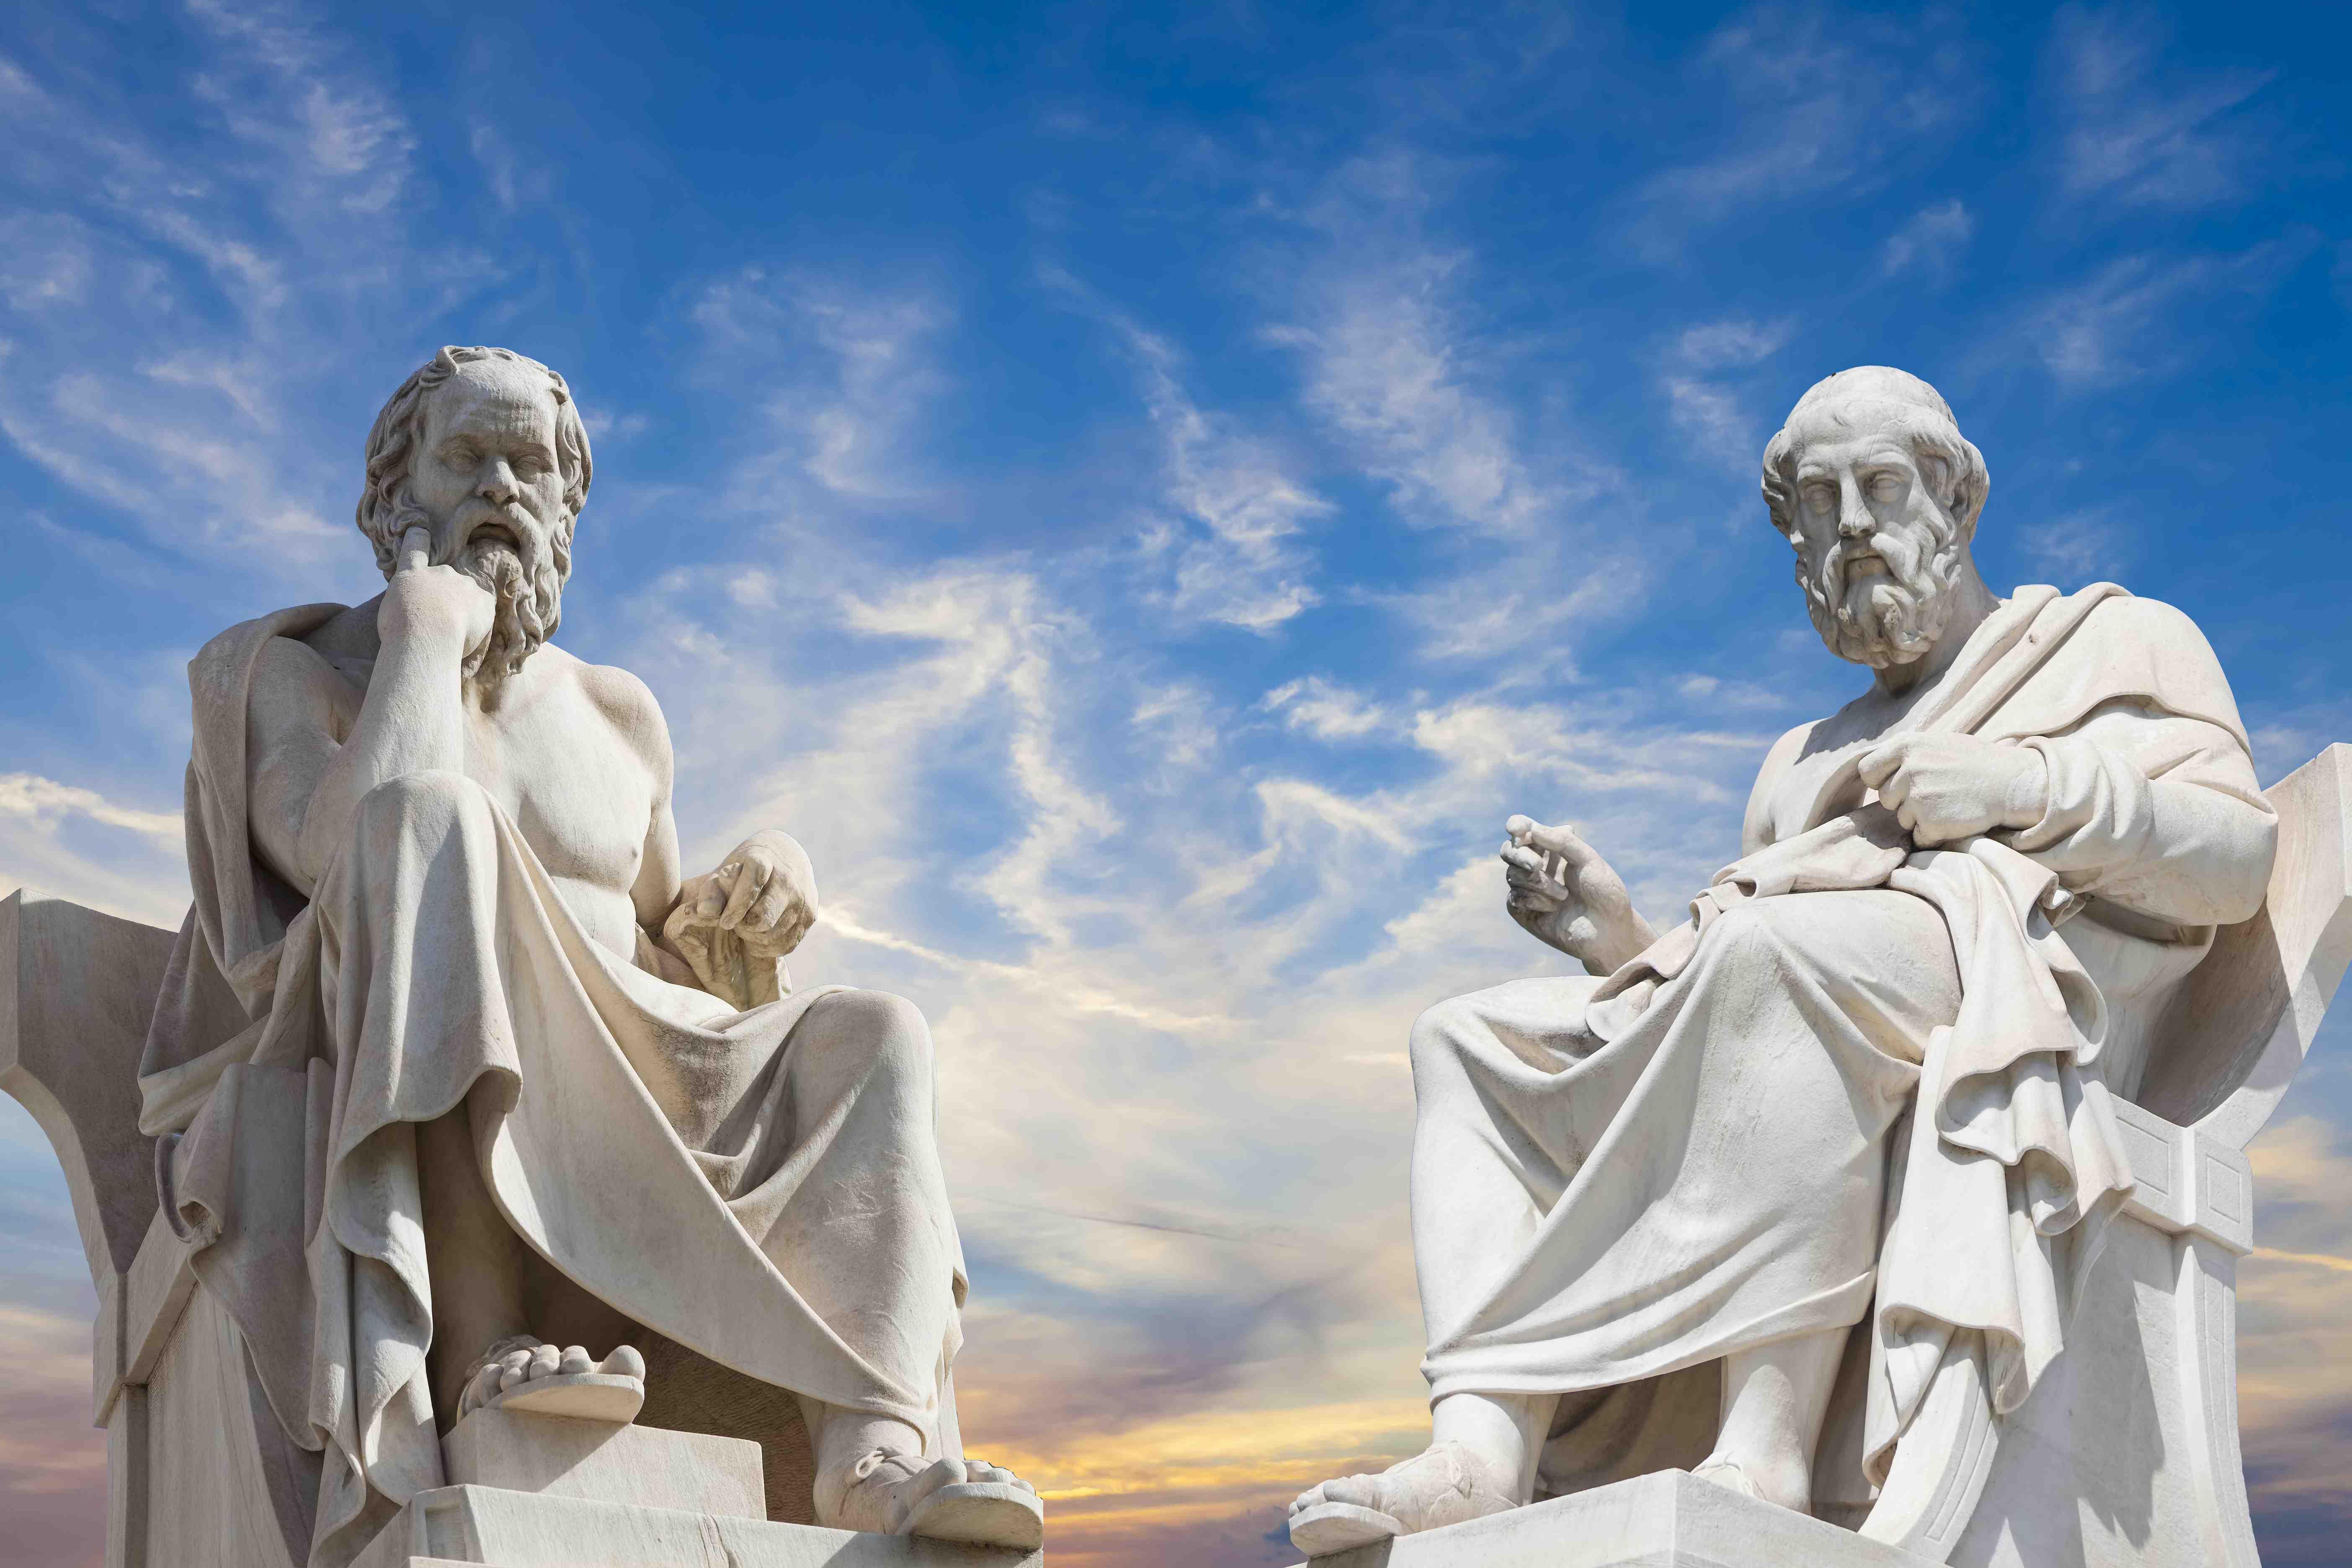 Философия | энциклопедия кругосвет